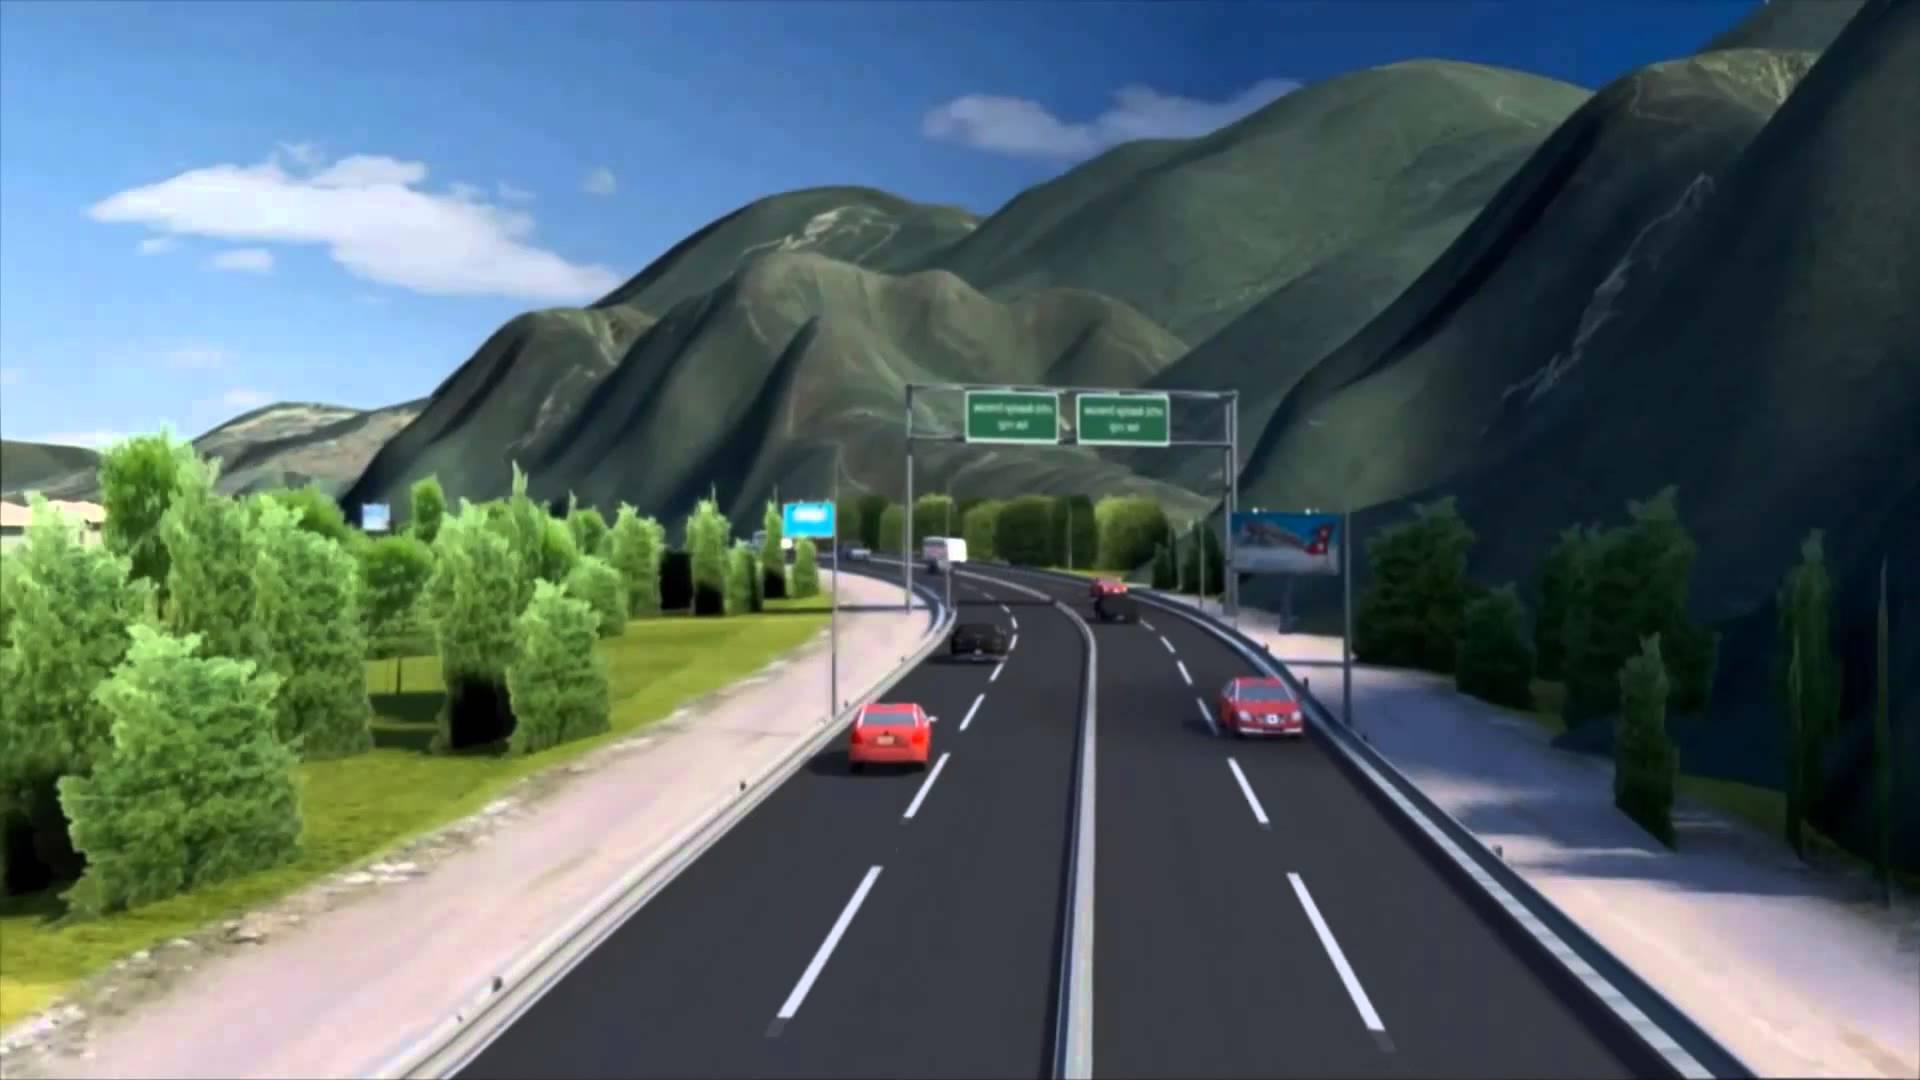 तराई–मधेश क्षेत्रको समृद्धिको आधार बन्दै हुलाकी राजमार्गको 'फिदर रोड'